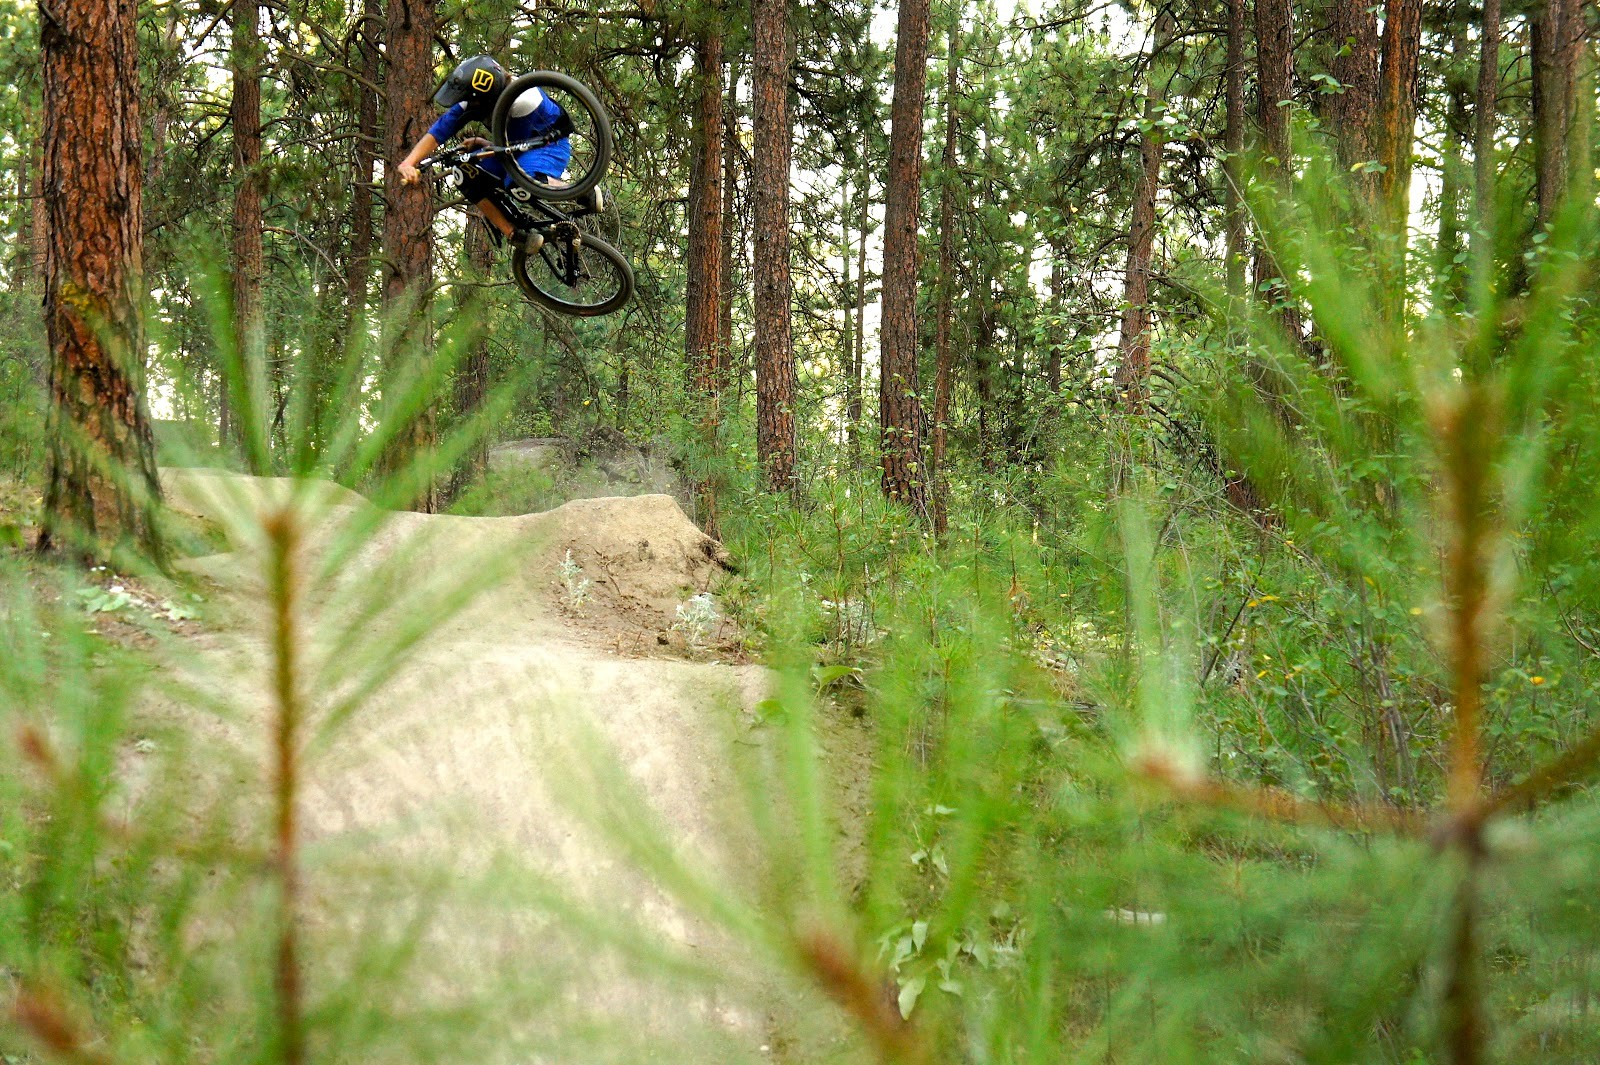 Skye Schillhammer: Rides Gravity - Skye_Schillhammer - Mountain Biking Pictures - Vital MTB